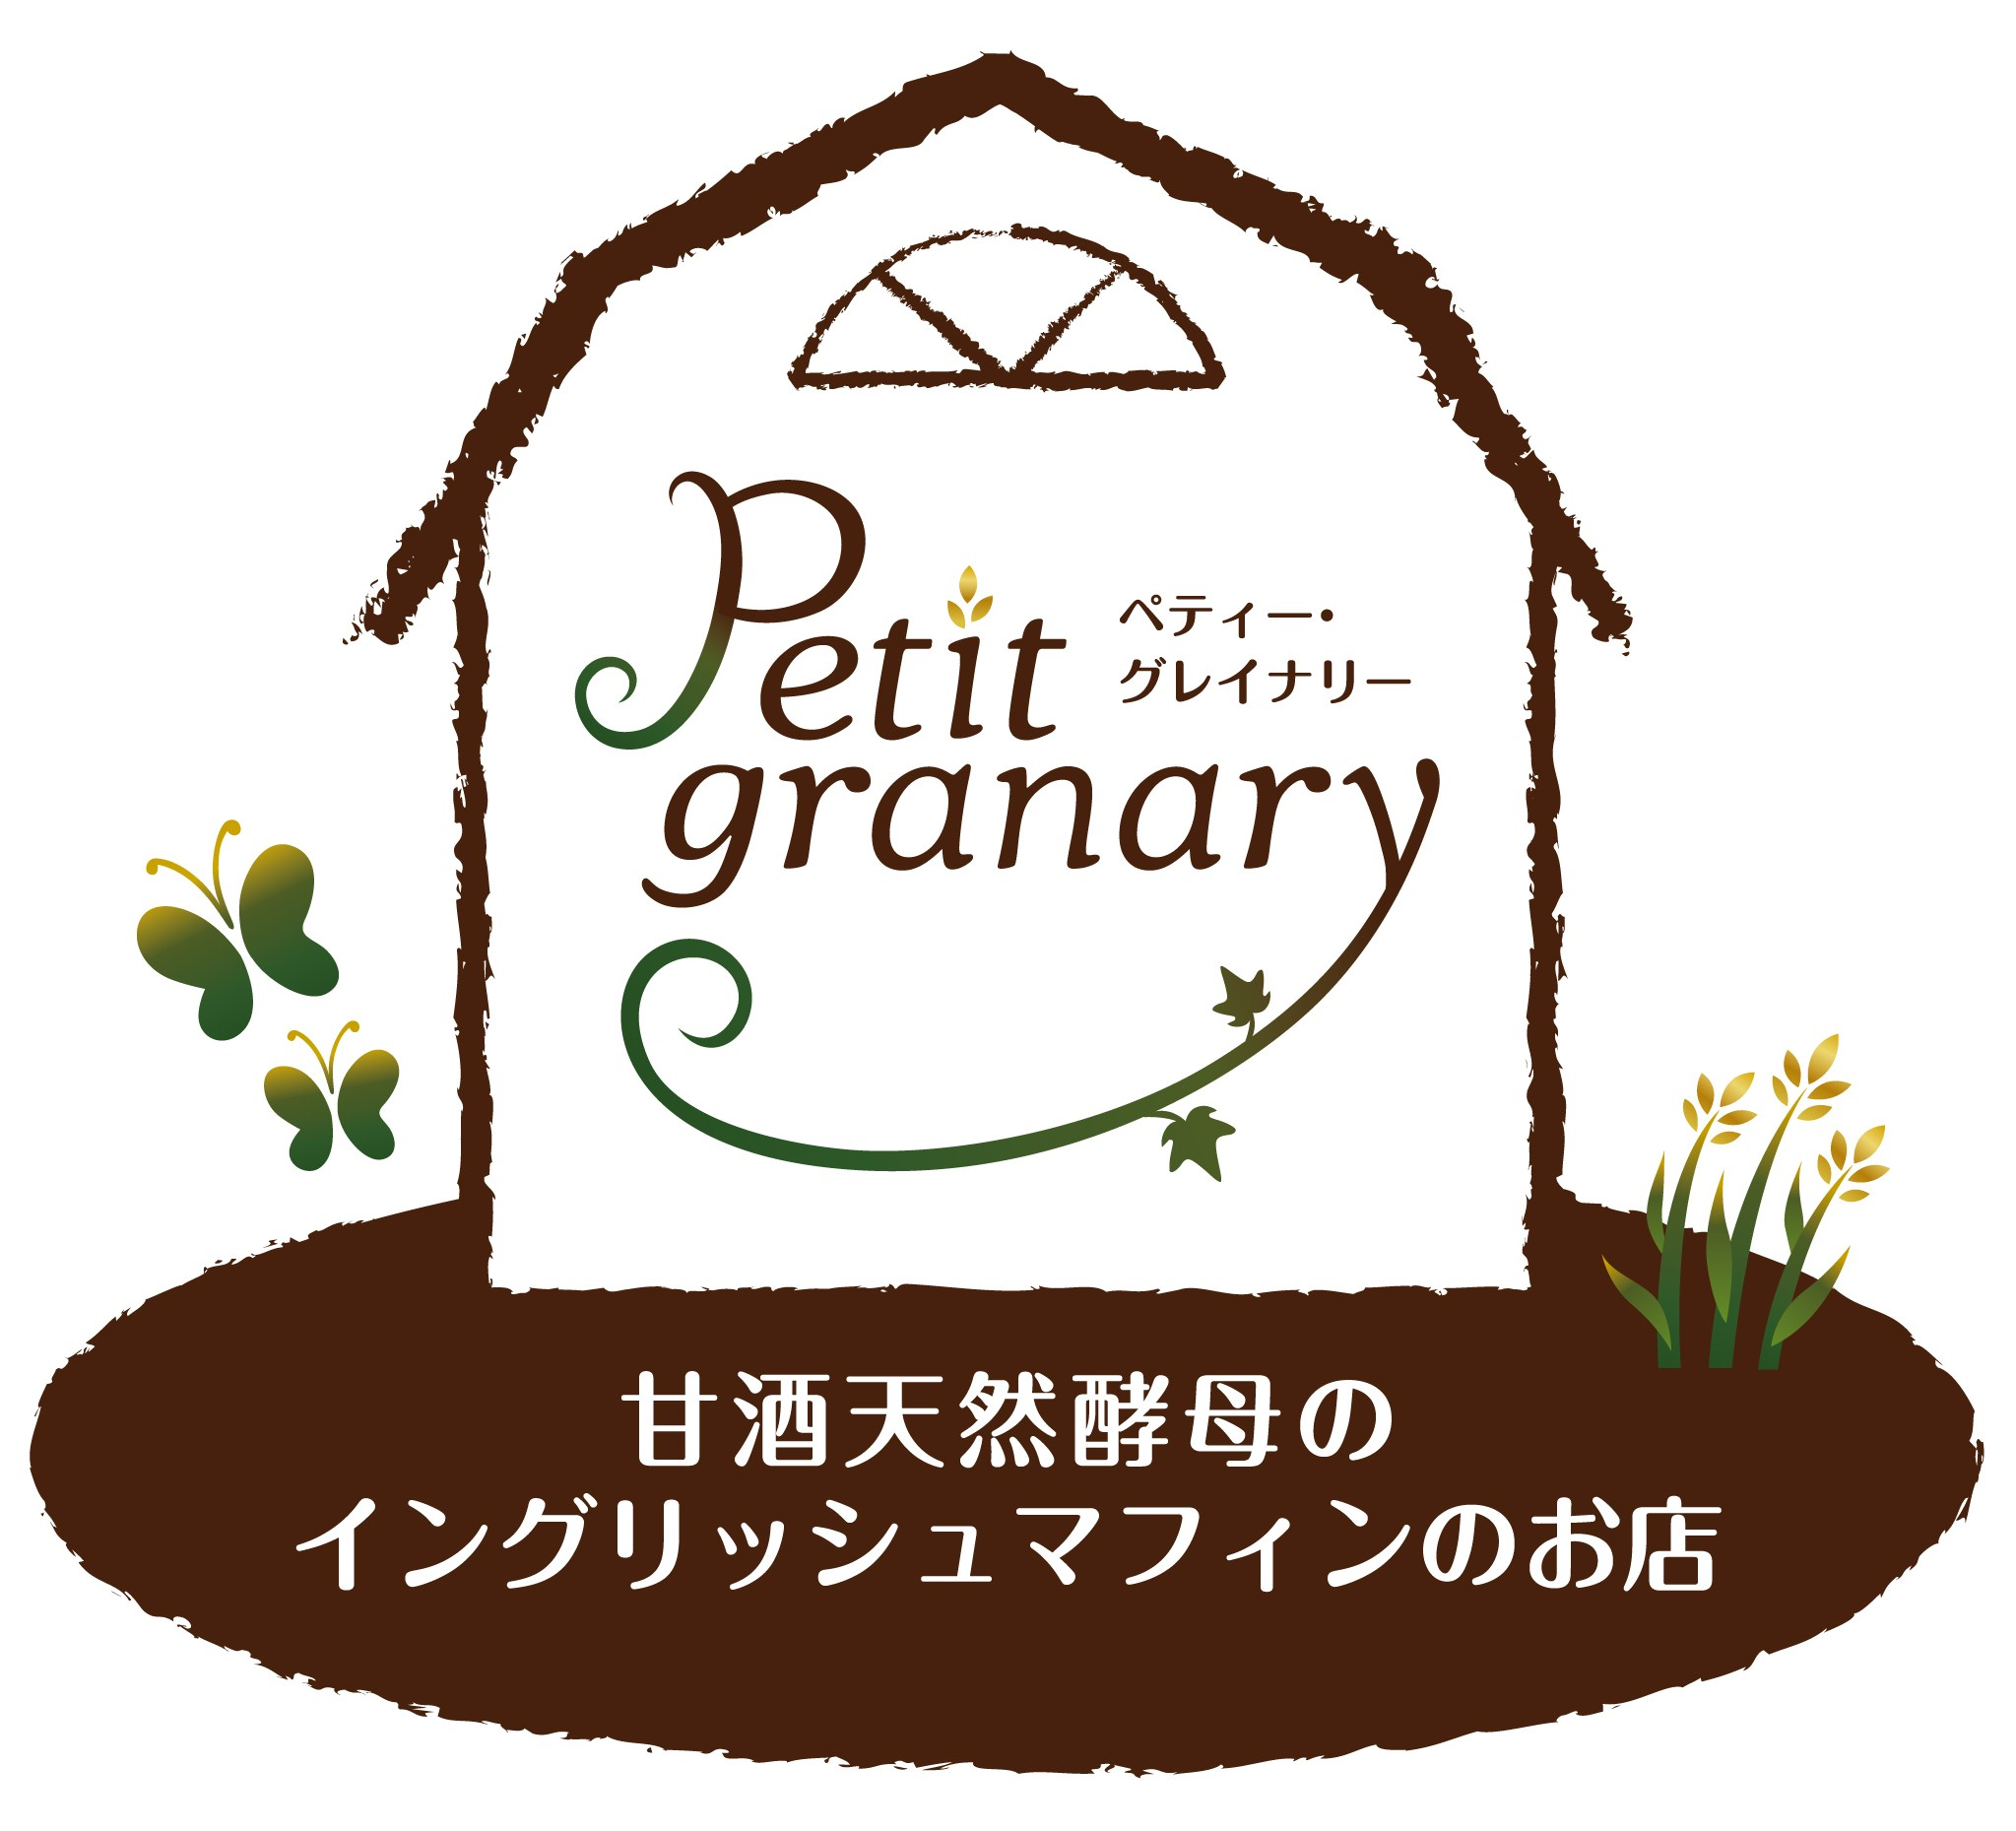 Petit granary (ペティー・グレイナリー)